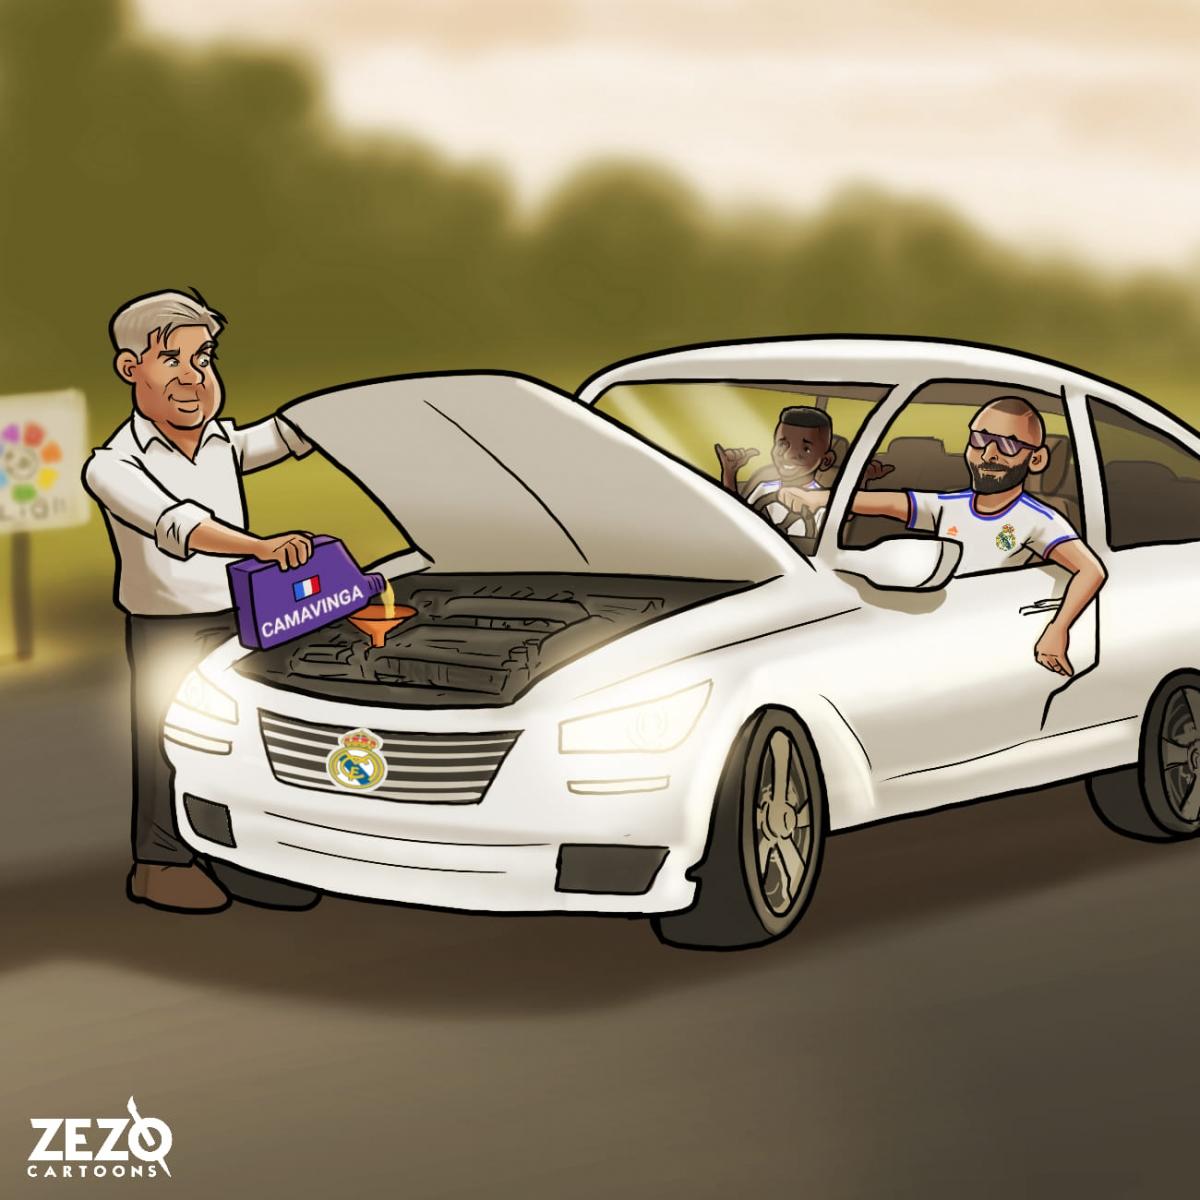 Camavinga mang tới nguồn năng lượng mới cho Real Madrid. (Ảnh: ZEZO Cartoons)